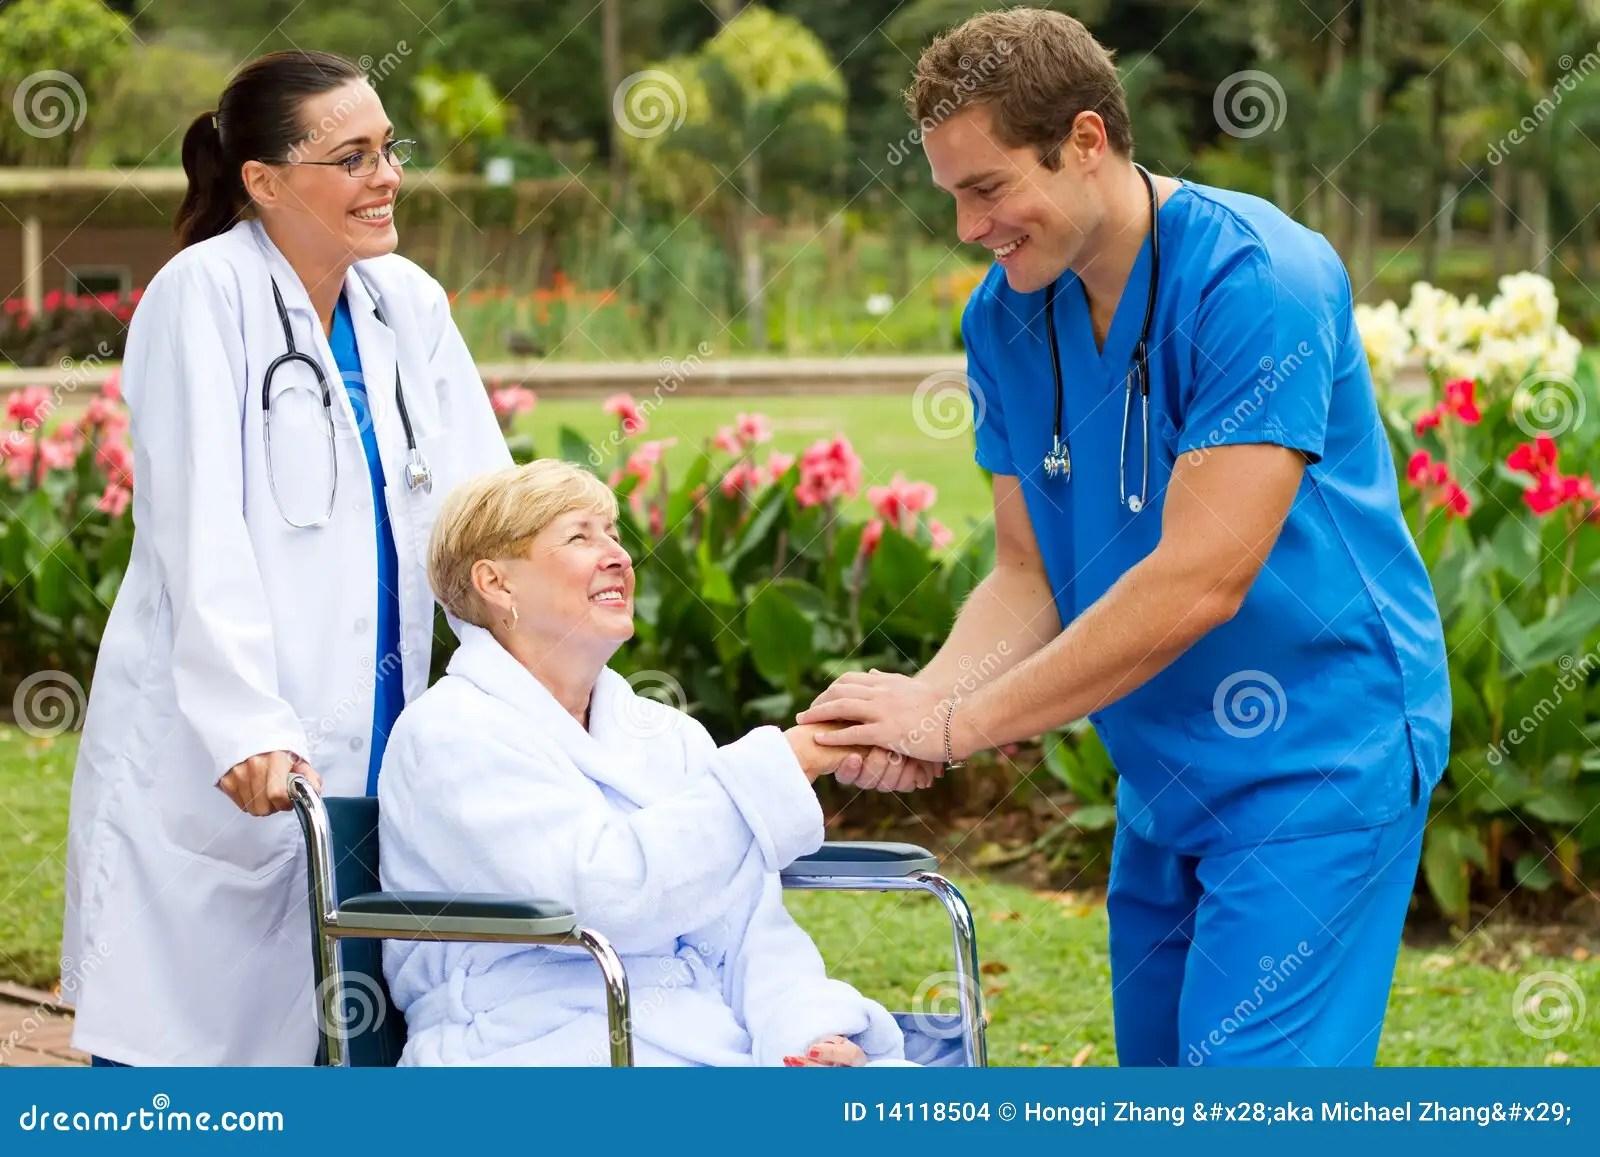 Nurse Meet Patient Stock Images  Image 14118504